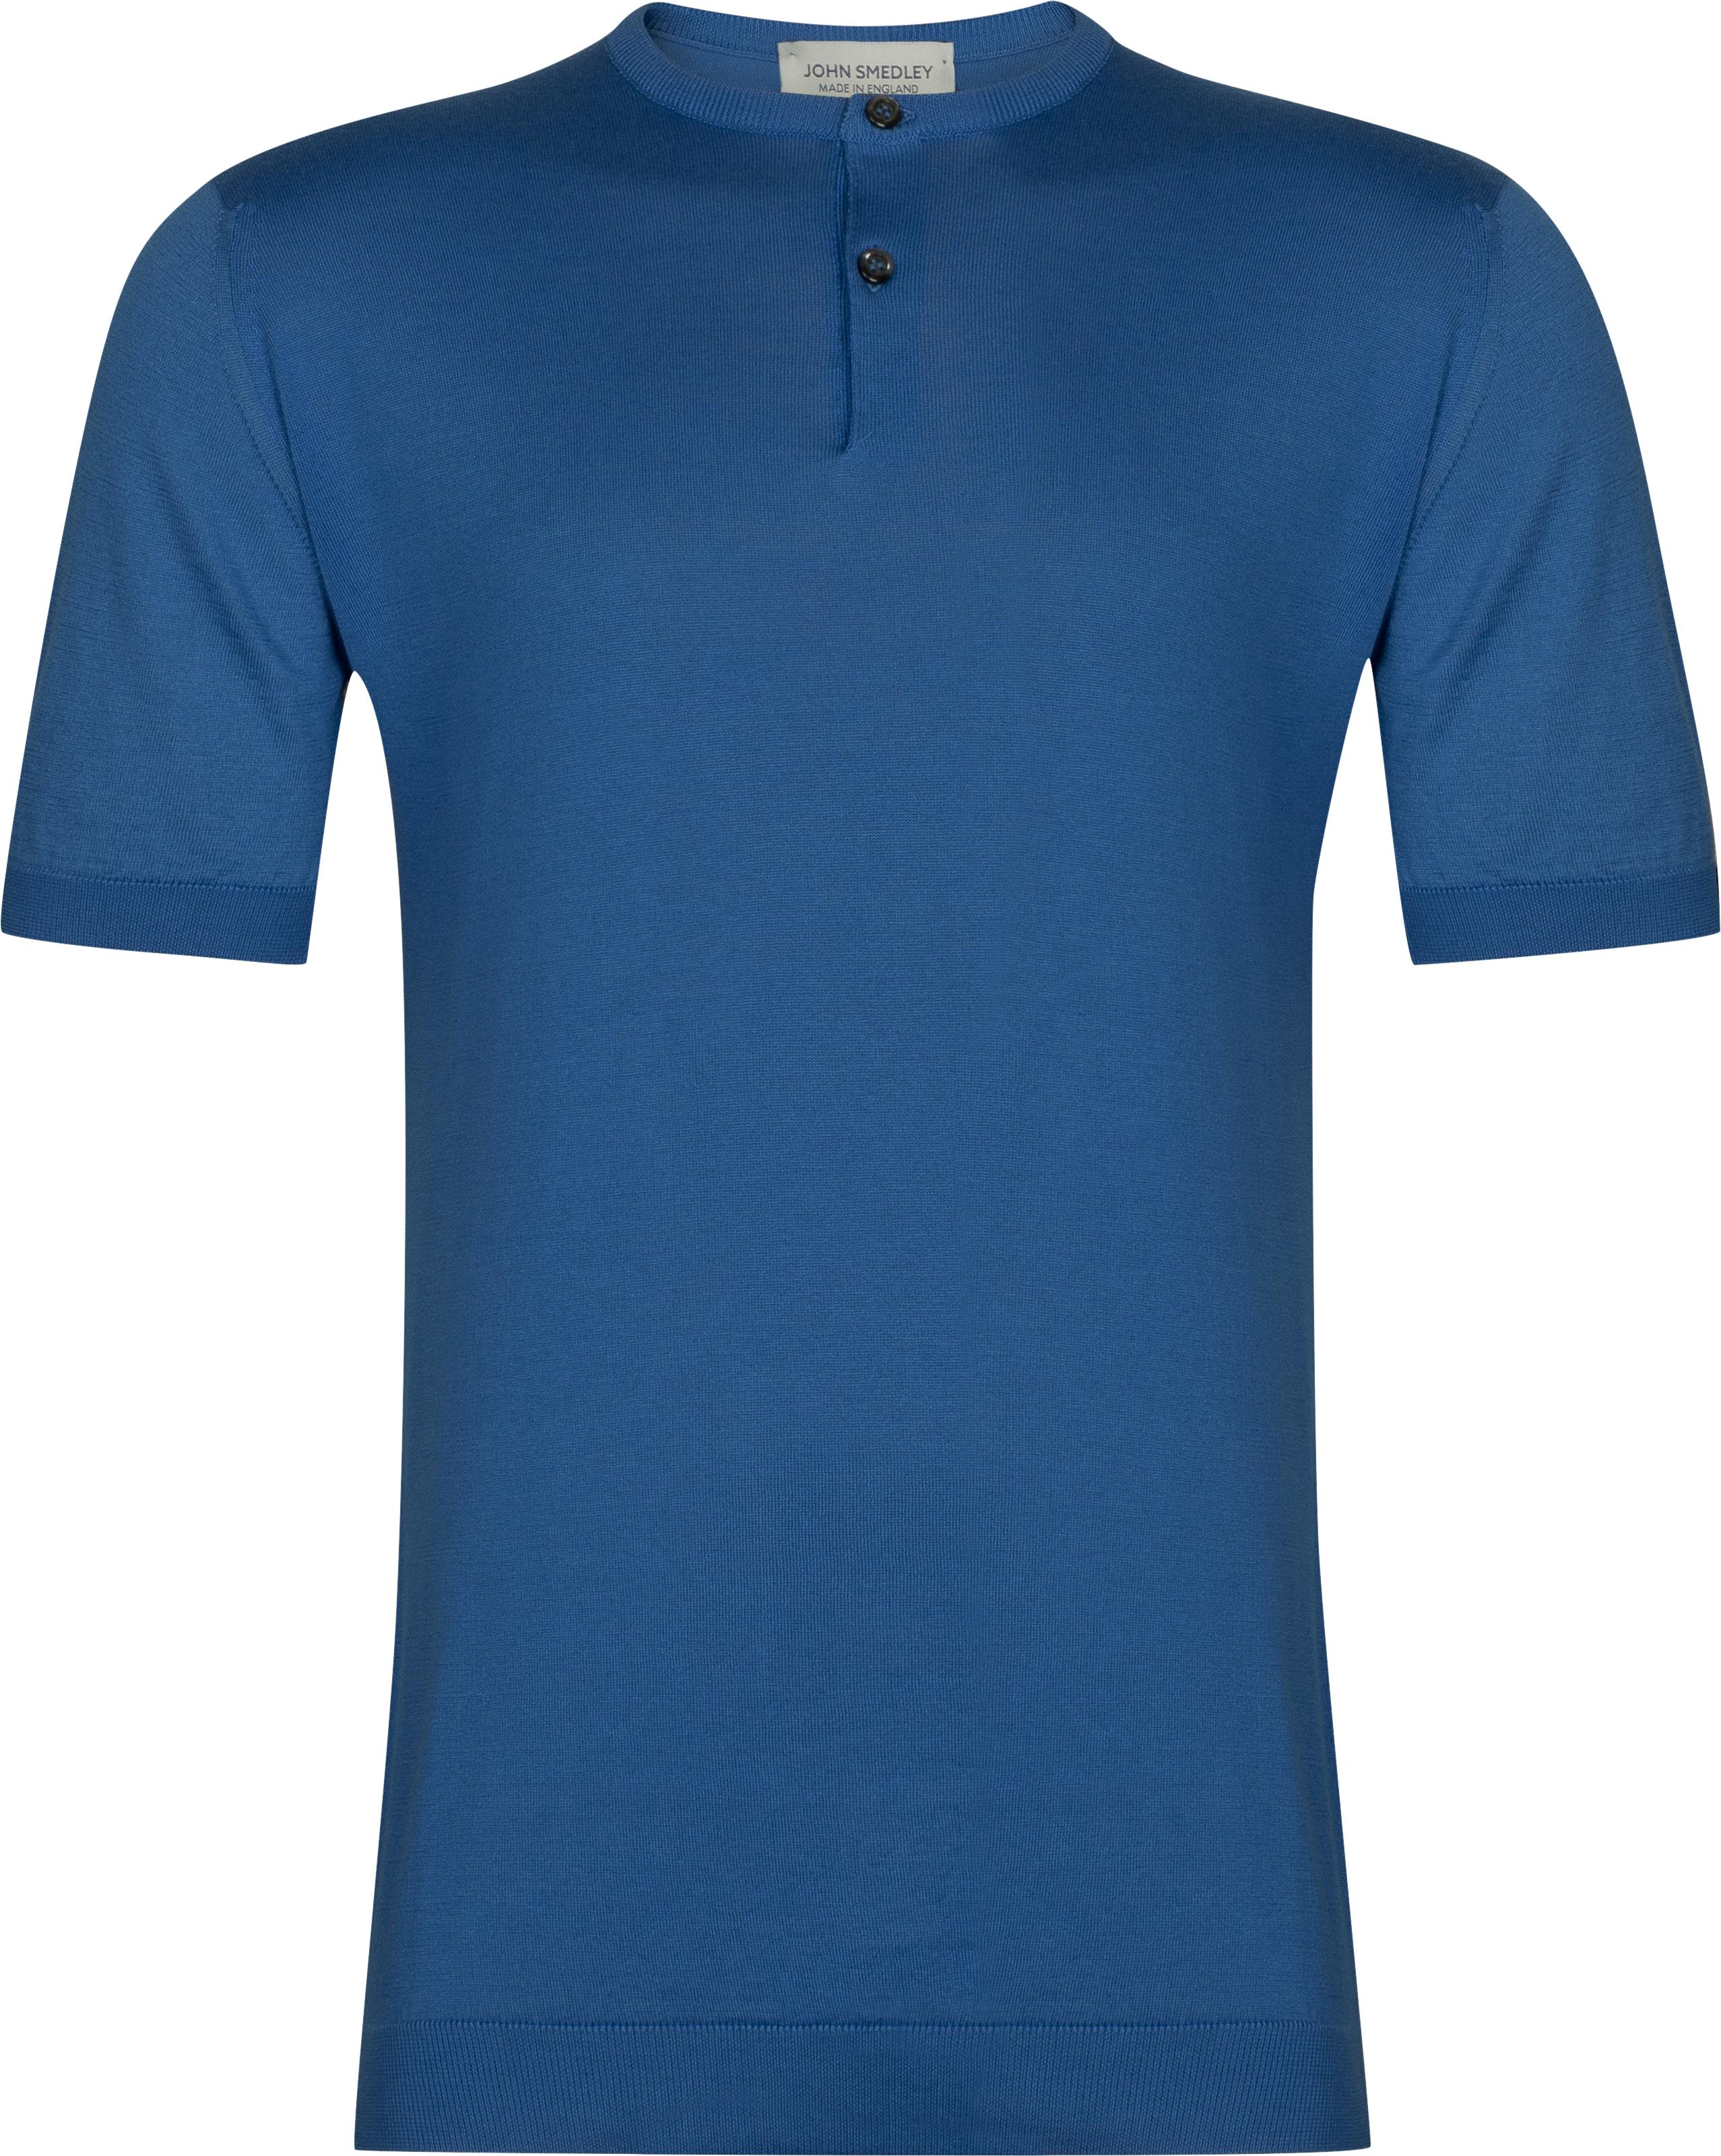 John Smedley Bennett in Statice Blue T-Shirt-MED